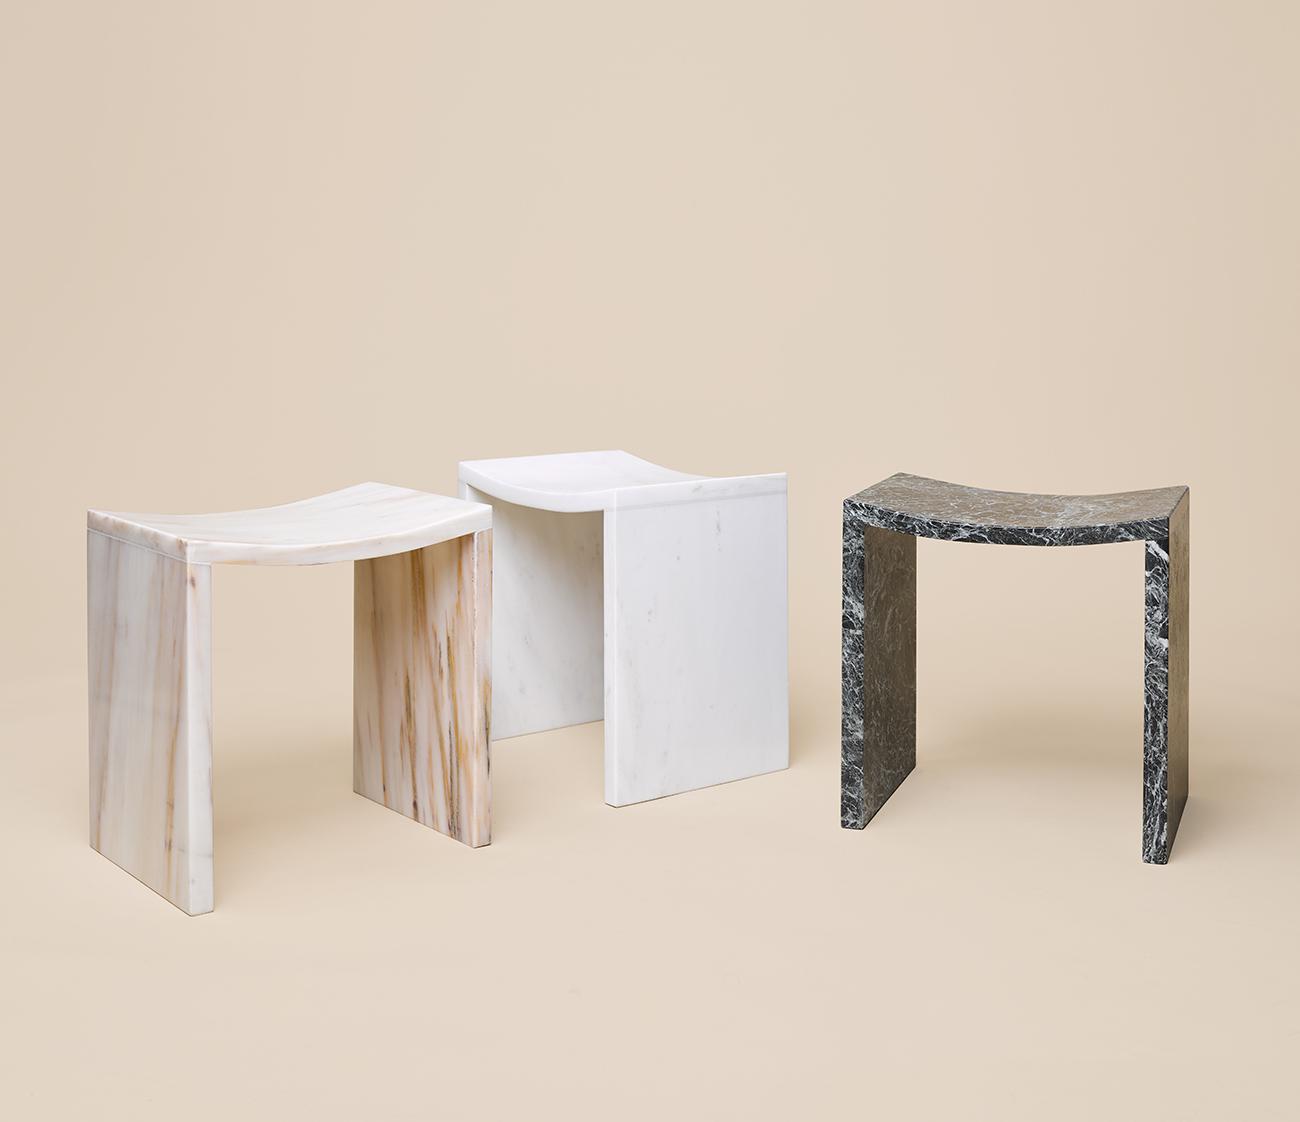 Intervista al duo di designer e architetti di OBJECT OF COMMON INTEREST | Collater.al 7